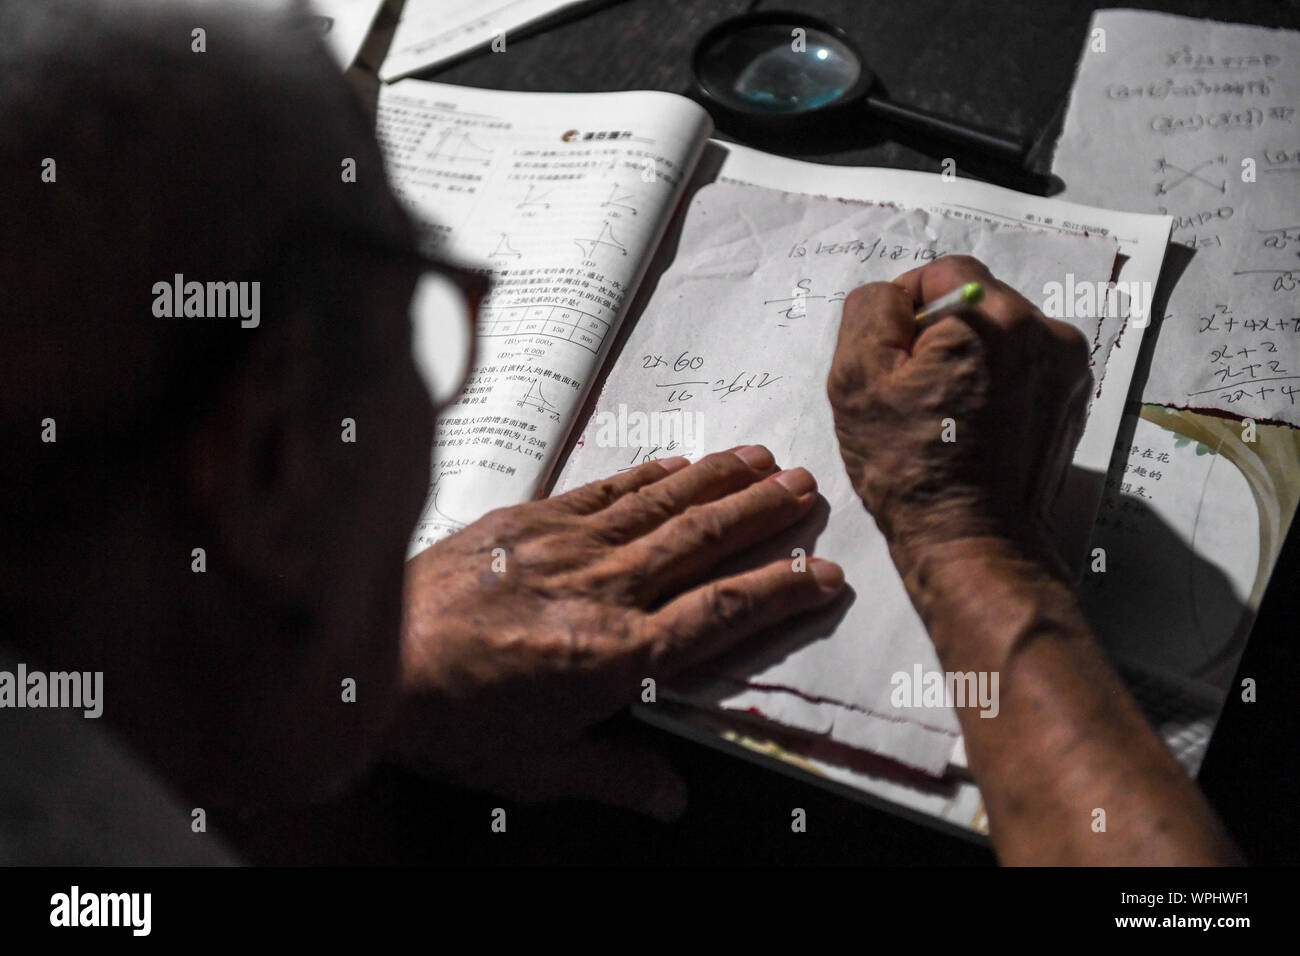 (190909) - CHANGSHA, Sept. 9, 2019 (Xinhua) - Tang Shangjun decodiert eine mathematische Frage zu Hause in Wuhan Dorf Anhua County in Yiyang City, Central China Provinz Hunan, Sept. 7, 2019. Ein Holzhaus steht allein in den tiefen Bergen durch einen lebhaften grünen Decke von Bäumen bedeckt, nicht nur als Wohnung, sondern auch als ein Klassenzimmer, wo Tang Shangjun Nachhilfe Studenten Seit mehr als 20 Jahren. Tang, einem 92-jährigen ländlichen Lehrer, nachhilfe begonnen, die Kinder durch ihre Eltern mit Migrationshintergrund kostenlos Links in Wuhan Dorf im Jahre 1997, 10 Jahre nachdem er zog sich von der Lehre in Anhua Coun Stockfoto